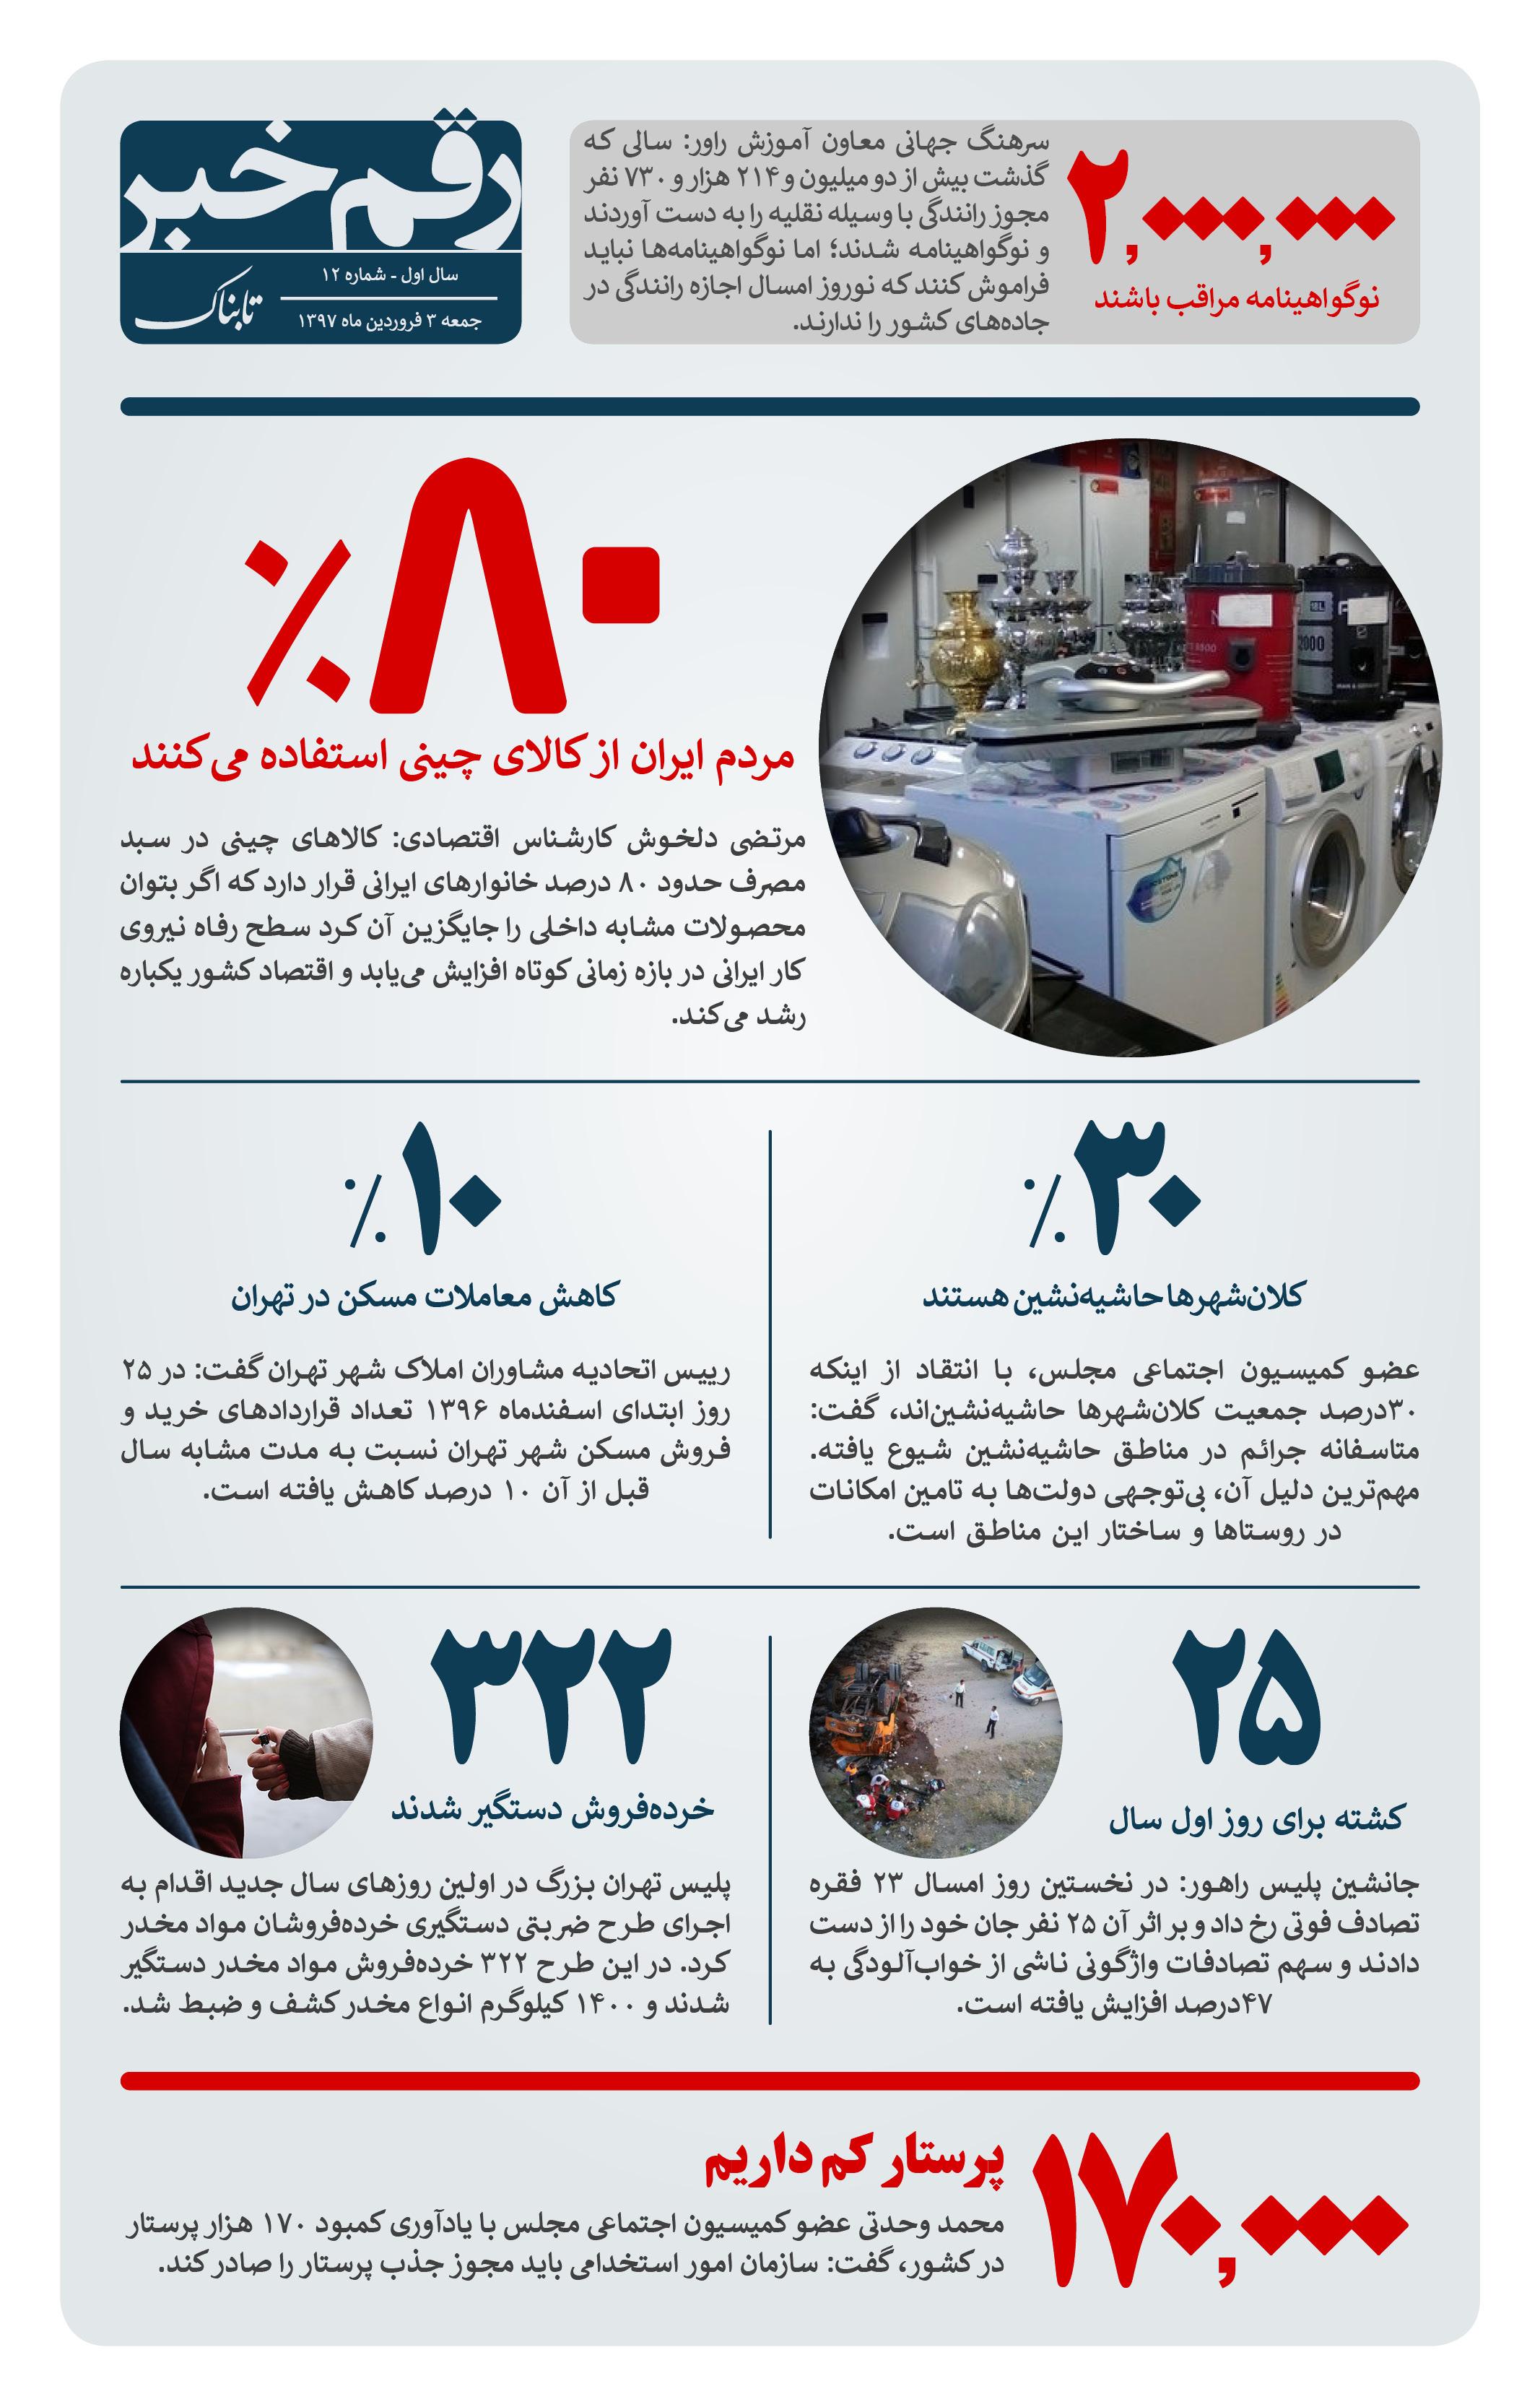 رقمخبر: چند درصد ایرانیها از کالای چینی استفاده میکنند